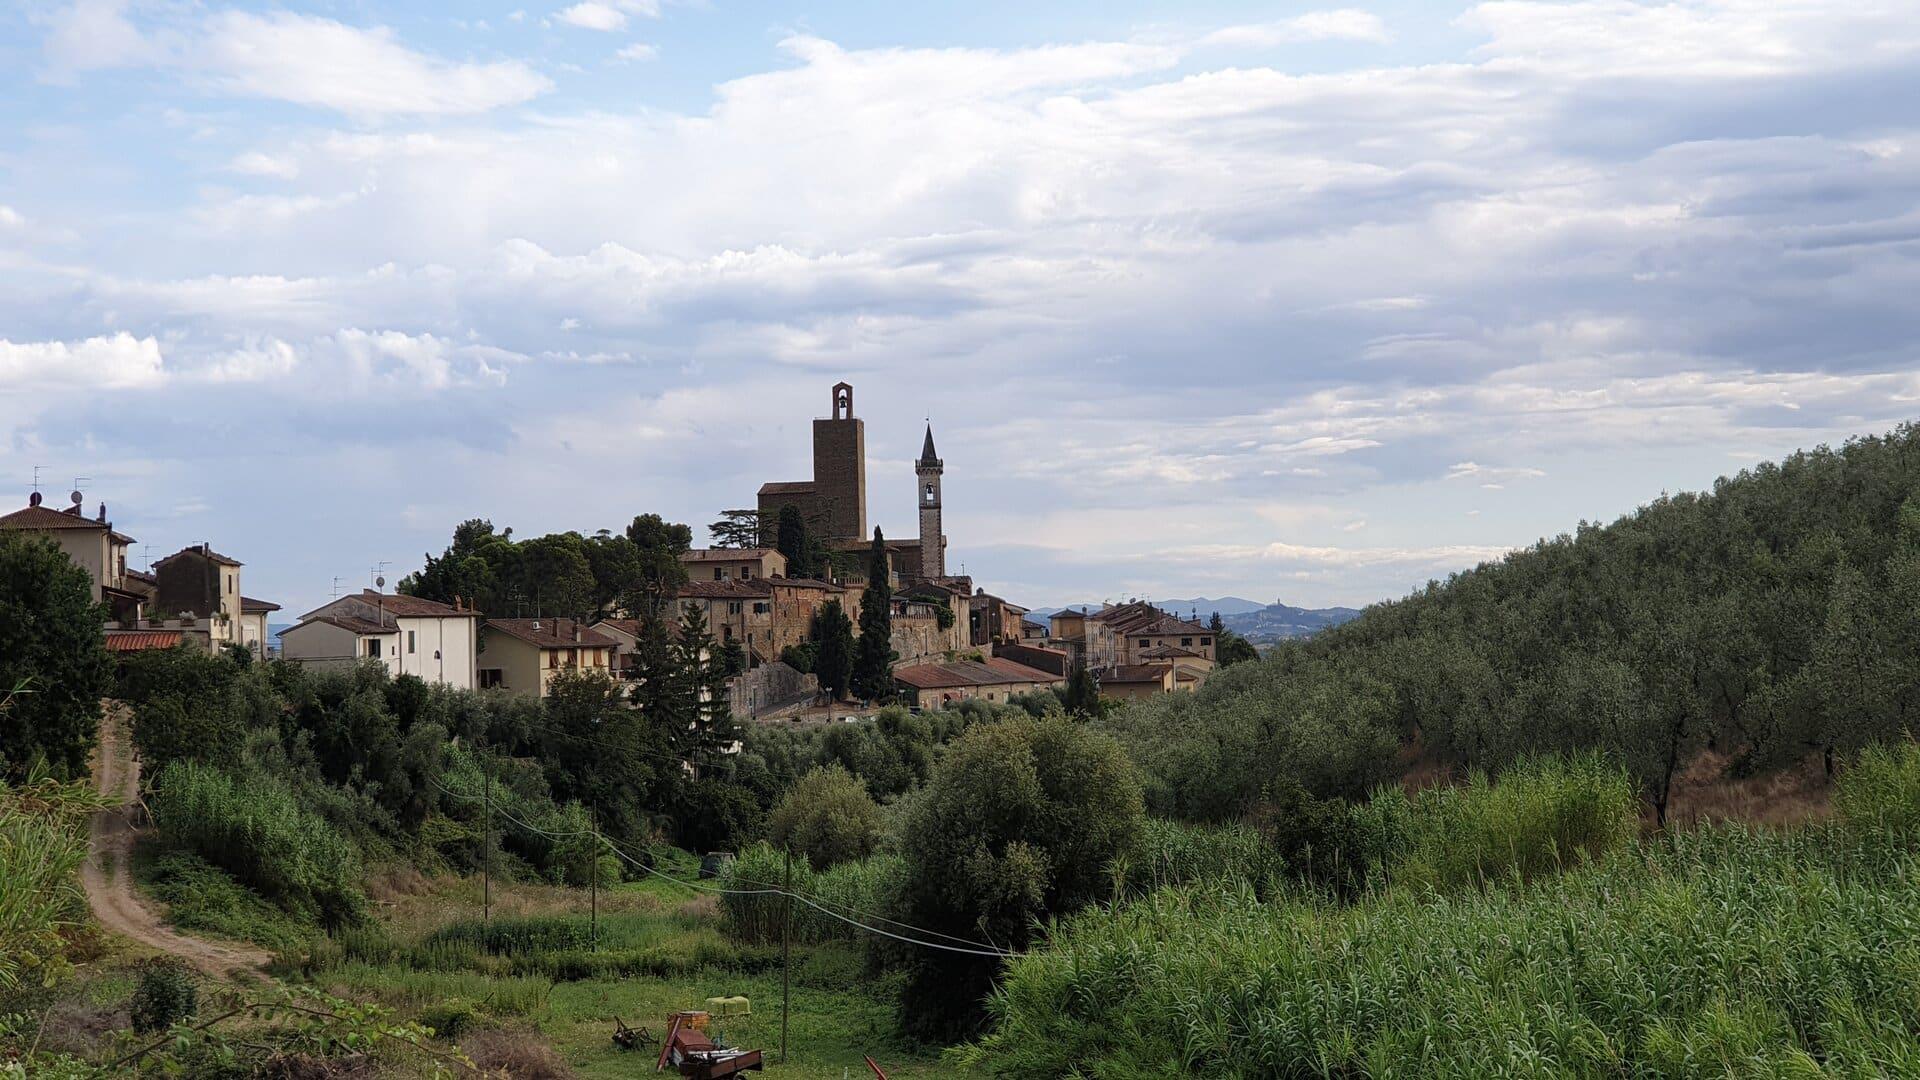 Il bellissimo paese vinci visto da lontano da una collinetta verde. Si può notare due edifici che si stagliano verso il cielo azzurro, la torre del castello e il campanile della chiesa.